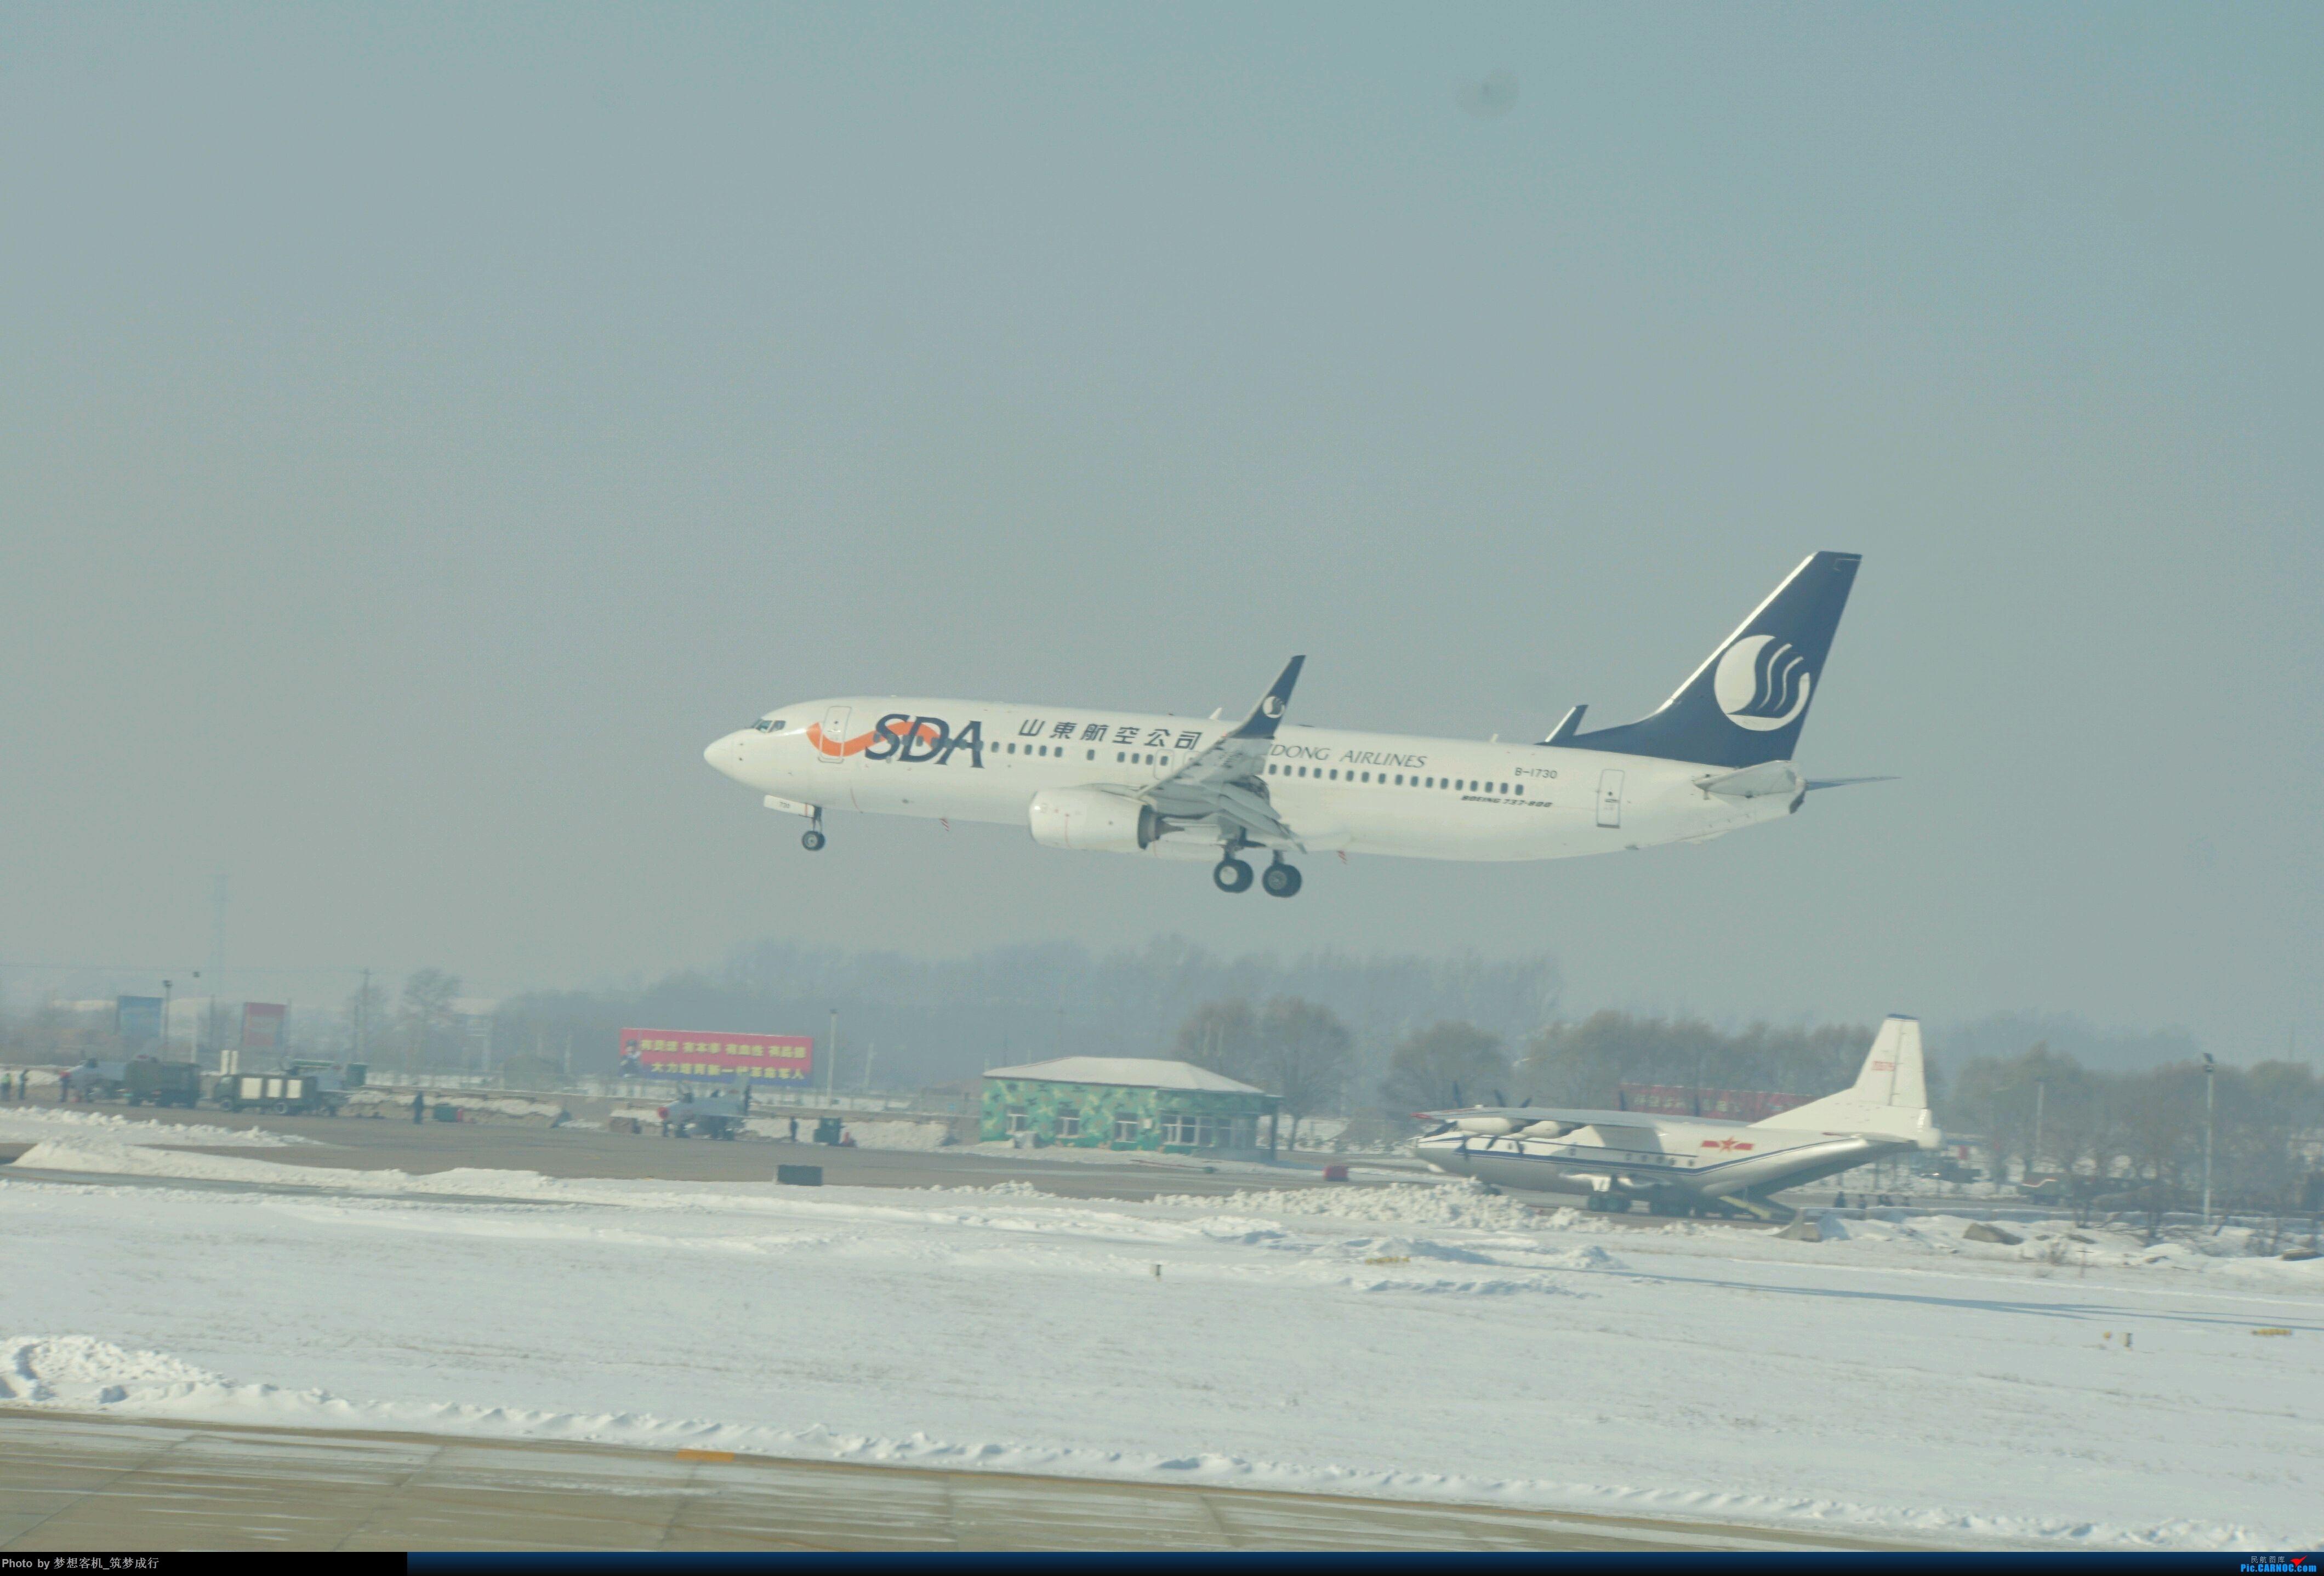 牡丹江海浪机场_re:雪后机场分外妖娆 boeing 737-800 b-1730 中国牡丹江海浪机场